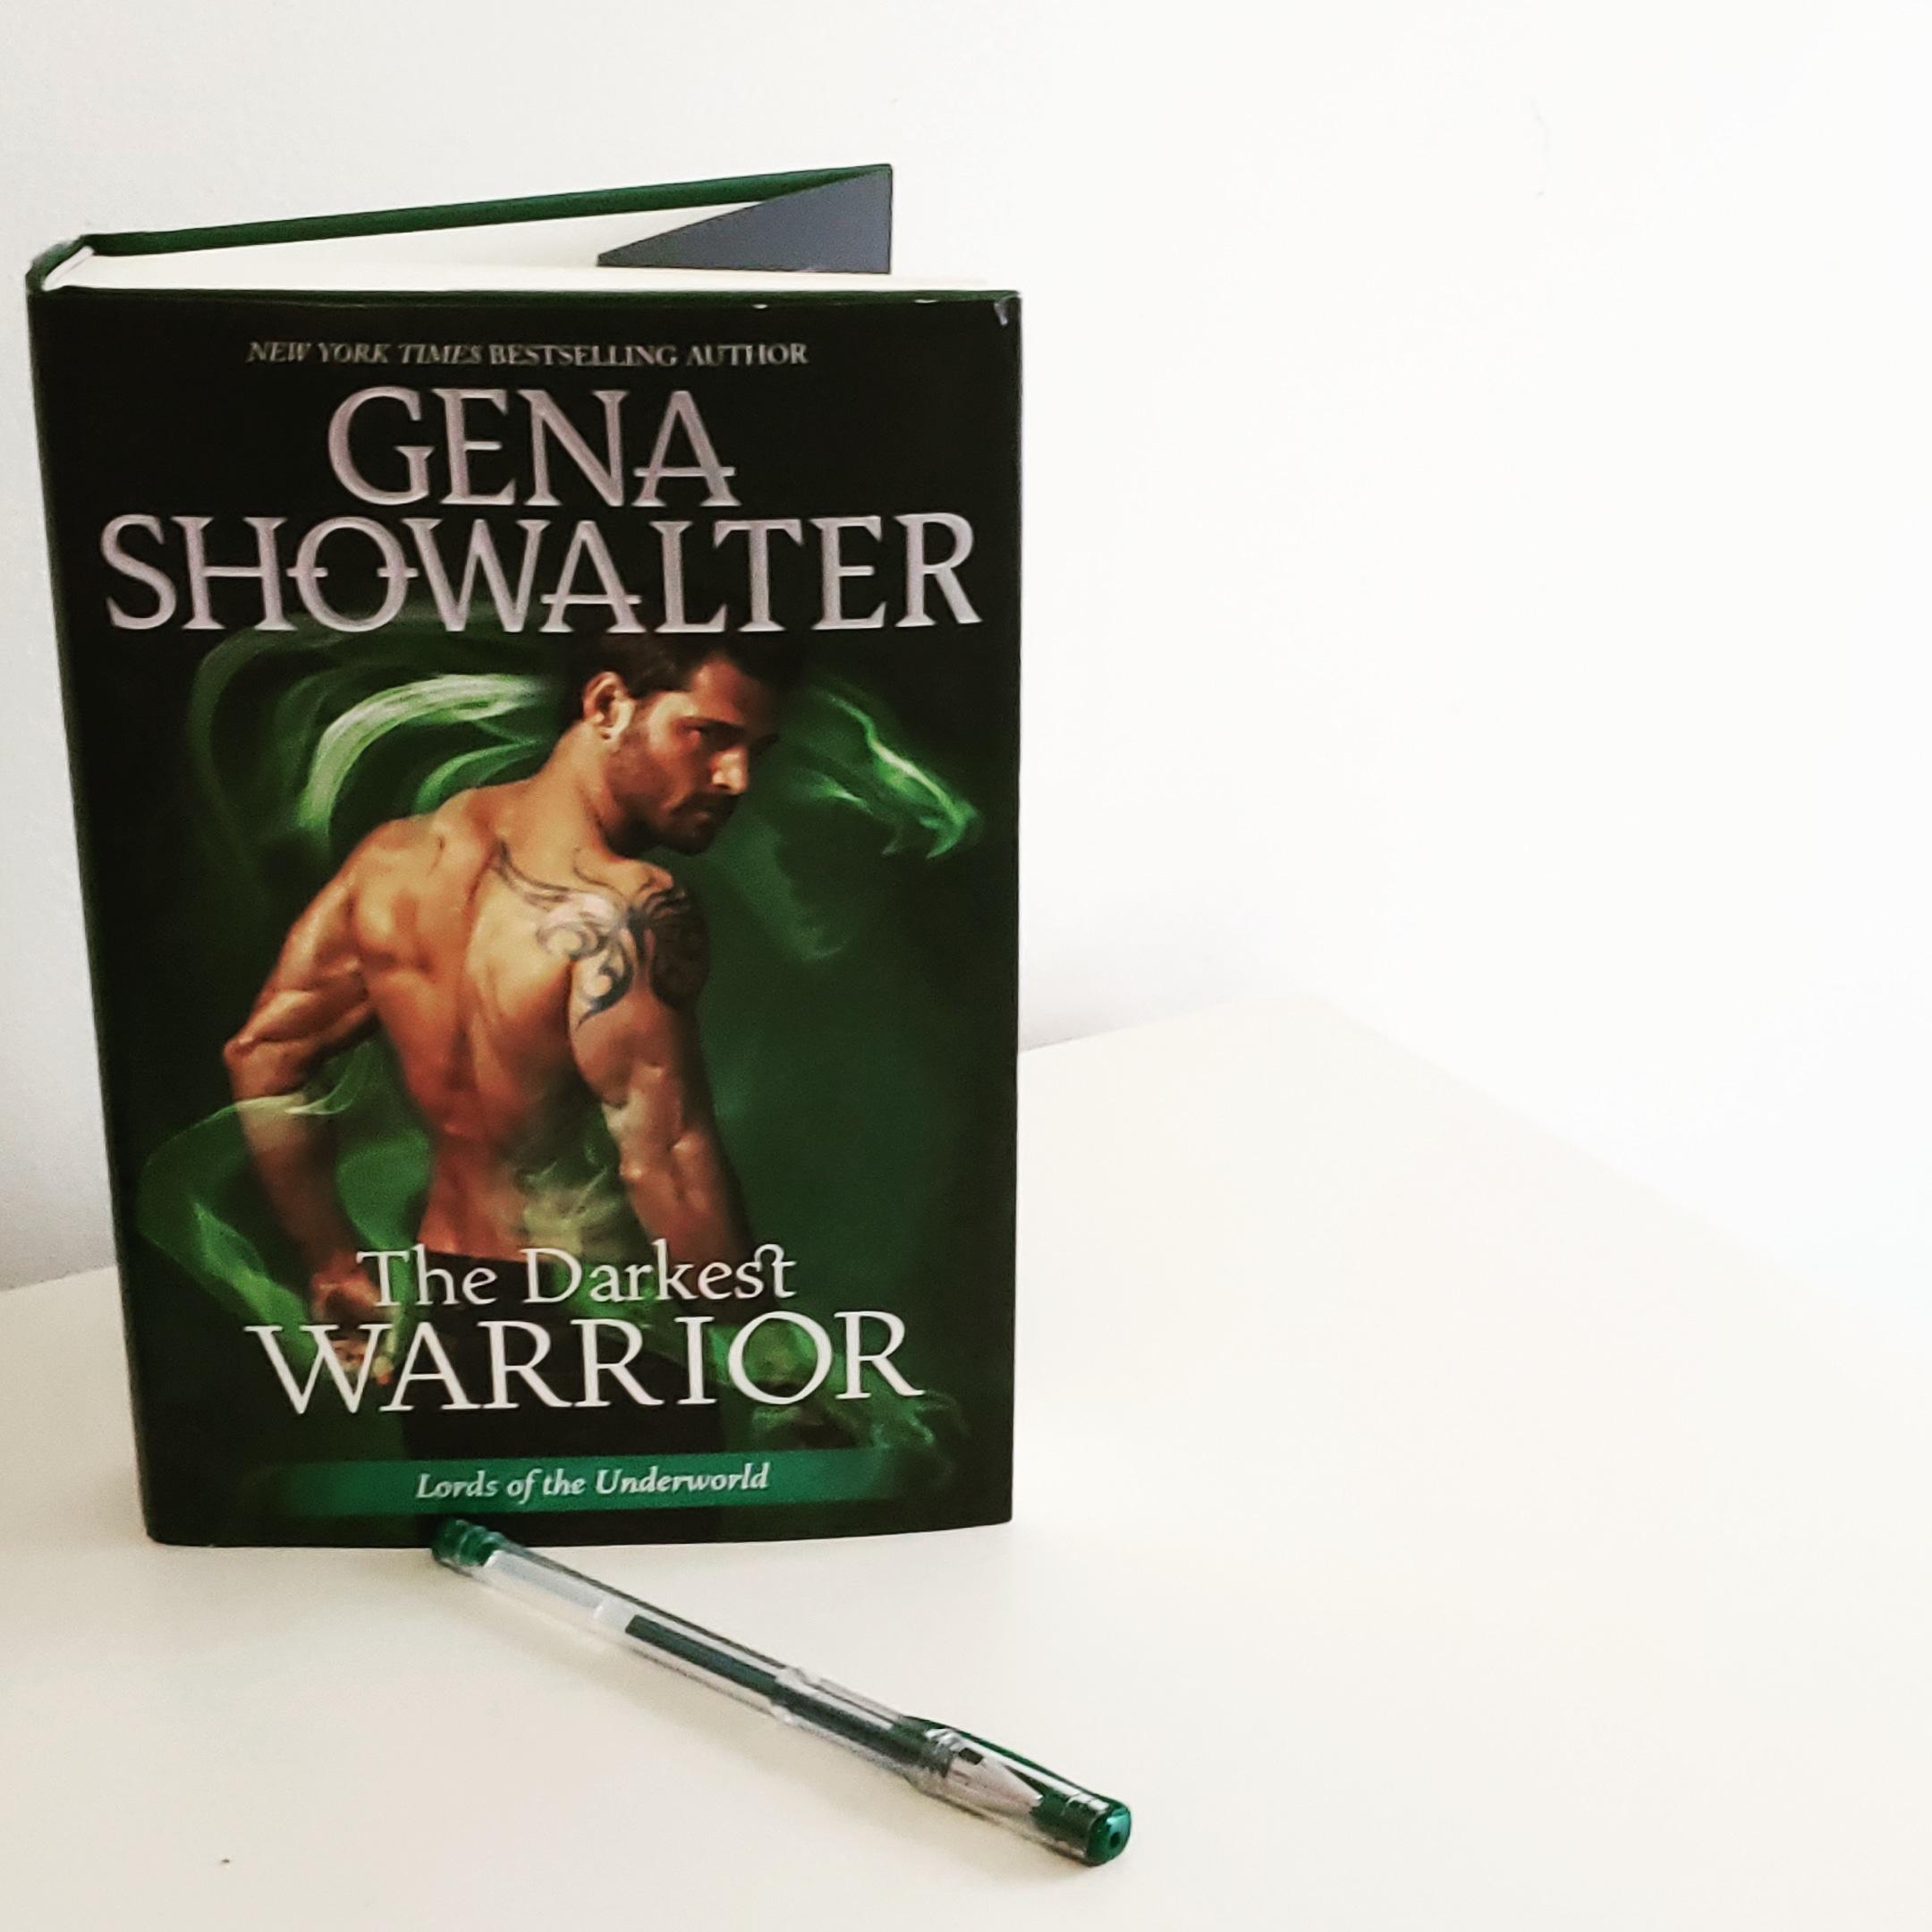 The Darkest Warrior Review